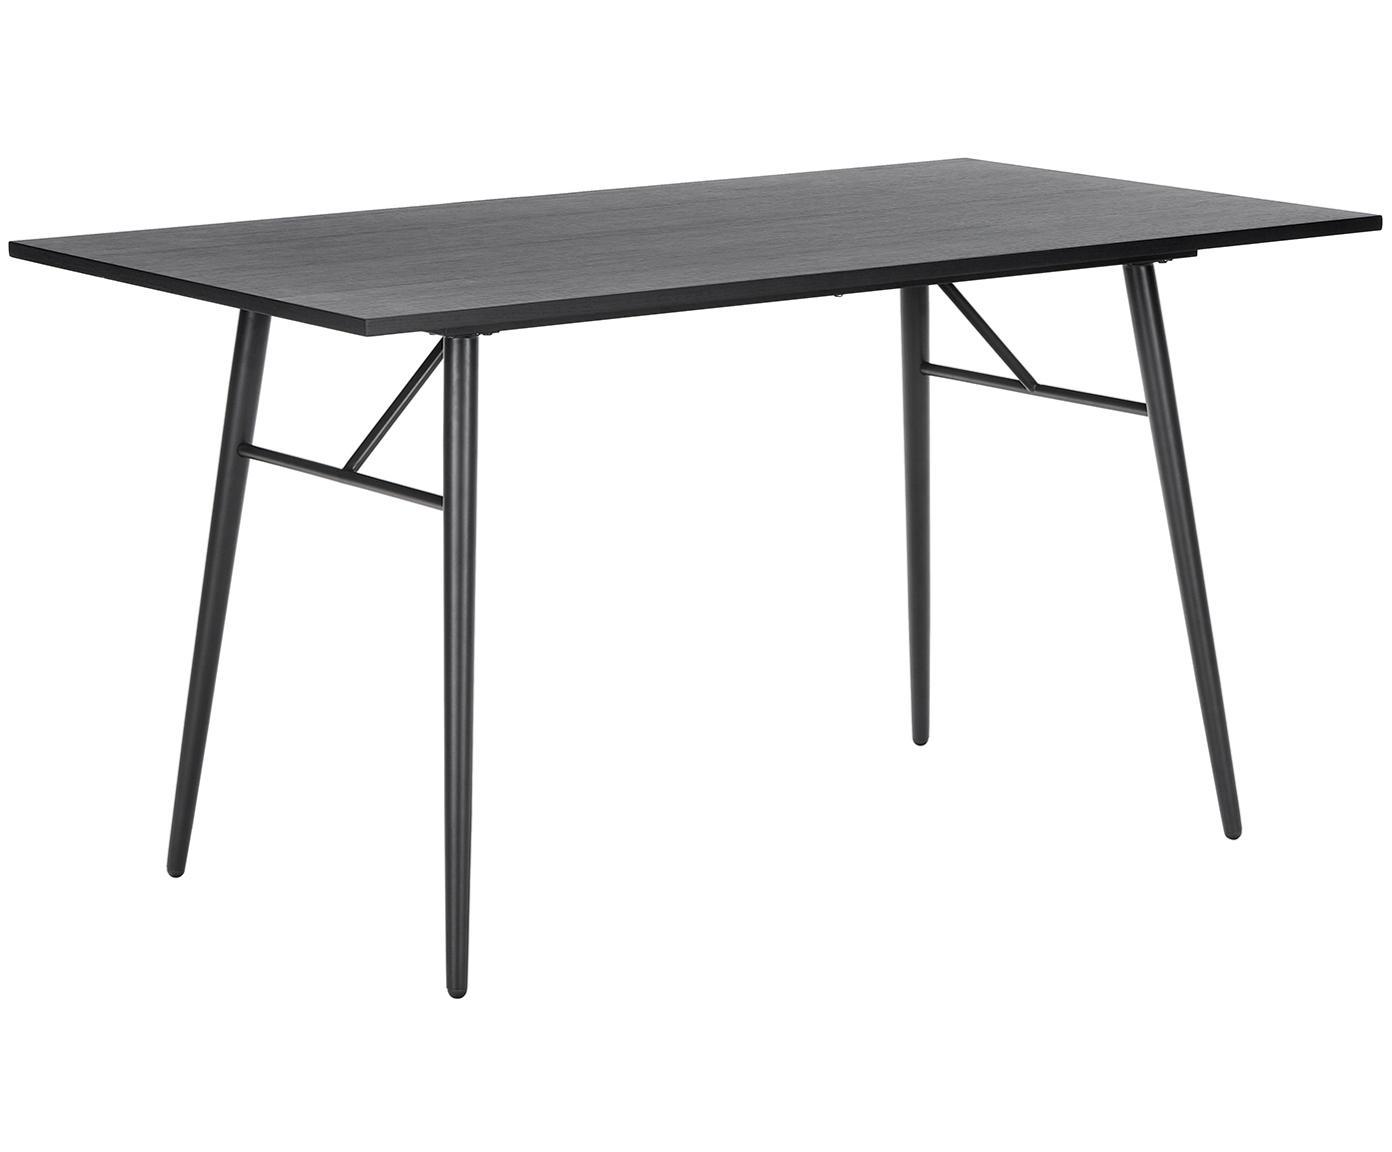 Eettafel Jette, Tafelblad: gelakt eikenhoutfineer, Poten: gepoedercoat metaal, Zwart, B 140 x D 80 cm